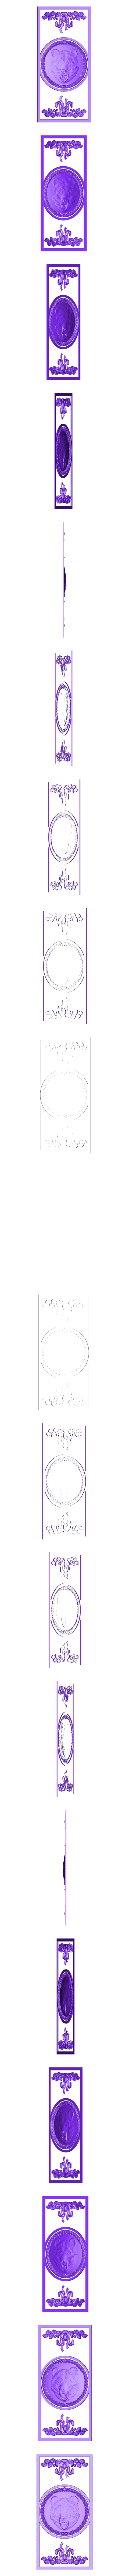 388.stl Télécharger fichier STL gratuit Support mural ours • Design à imprimer en 3D, 3DPrinterFiles